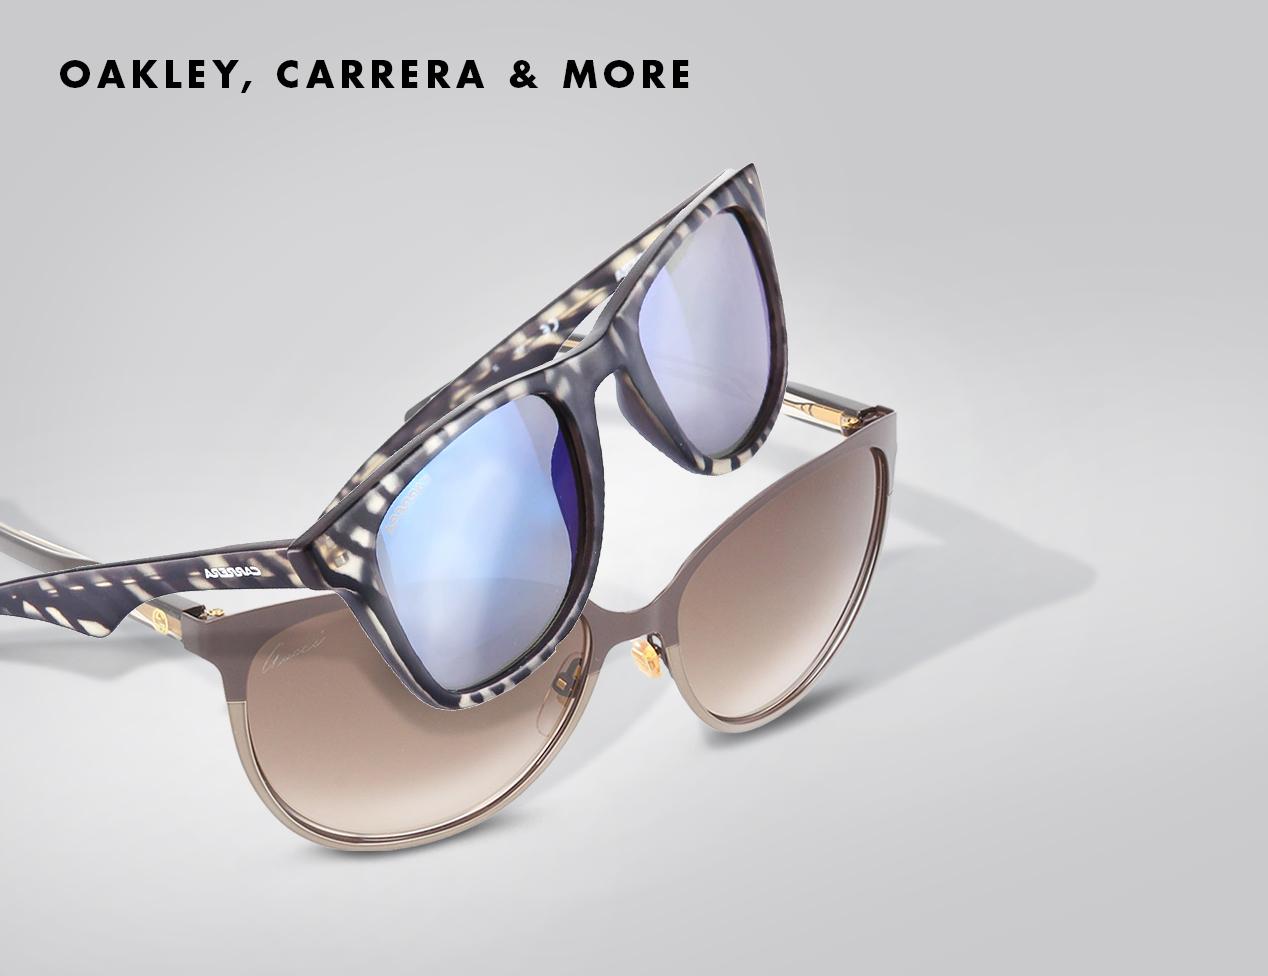 cd6dd341da MASM: Rebajas gafas Oakley, Carrera & more hasta el jueves 22